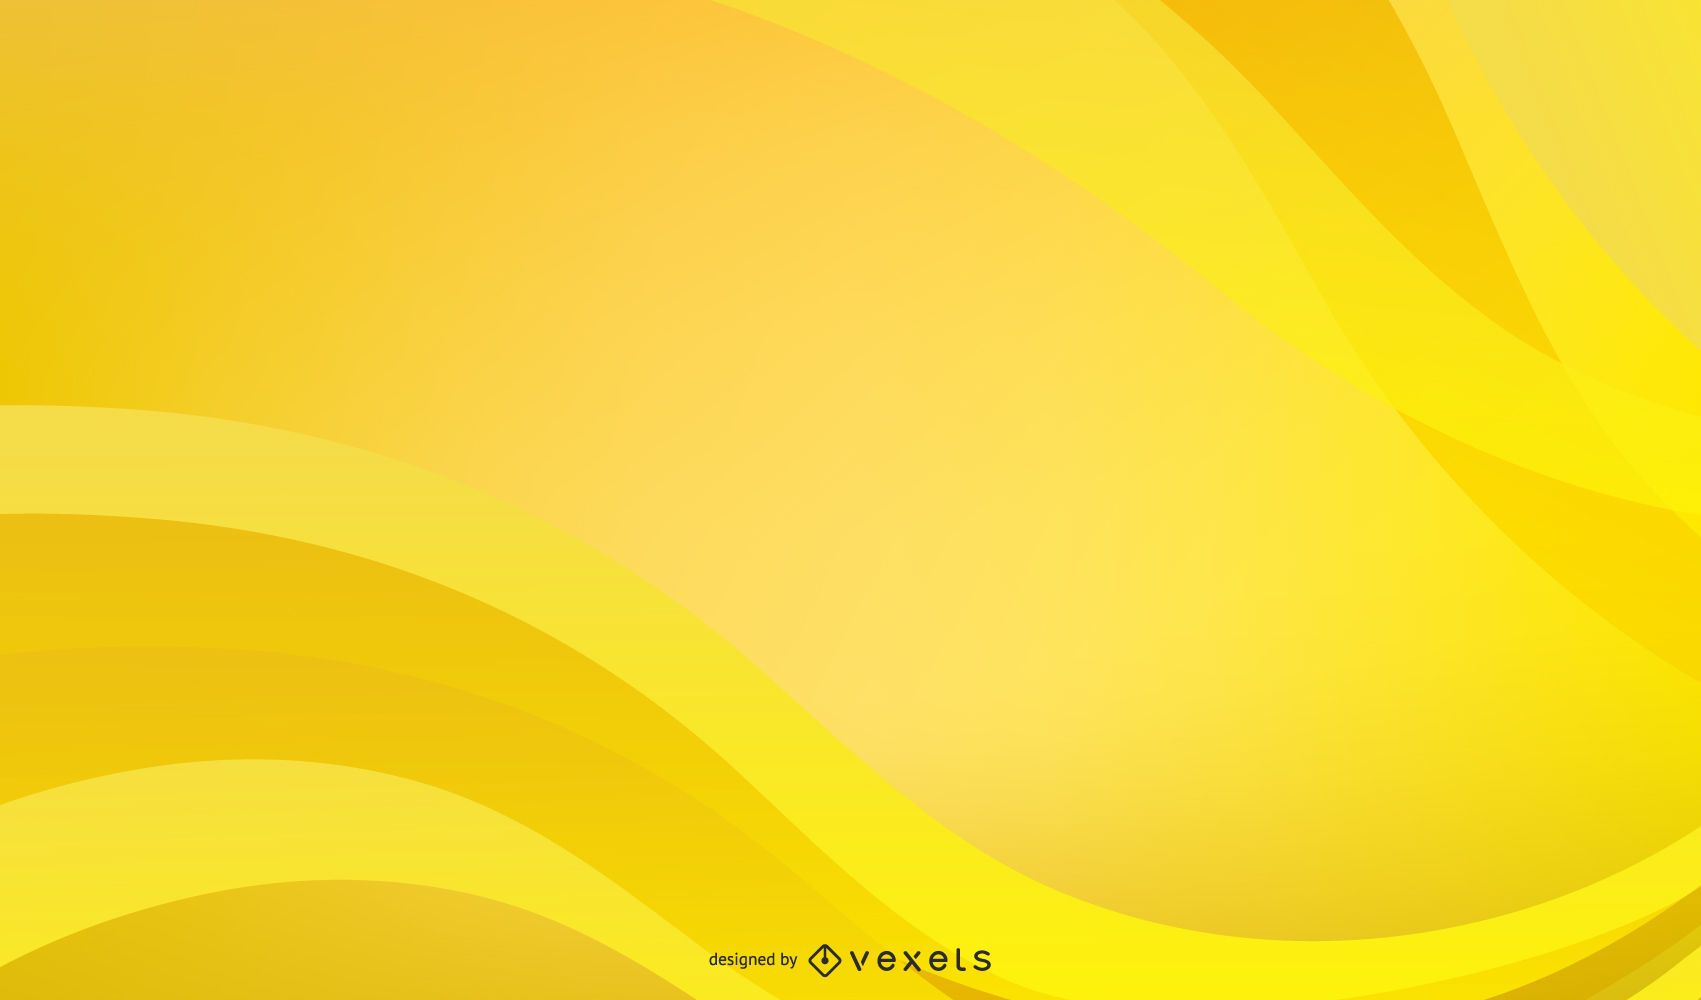 Vetor 1 da caixa de texto de linha amarela brilhante